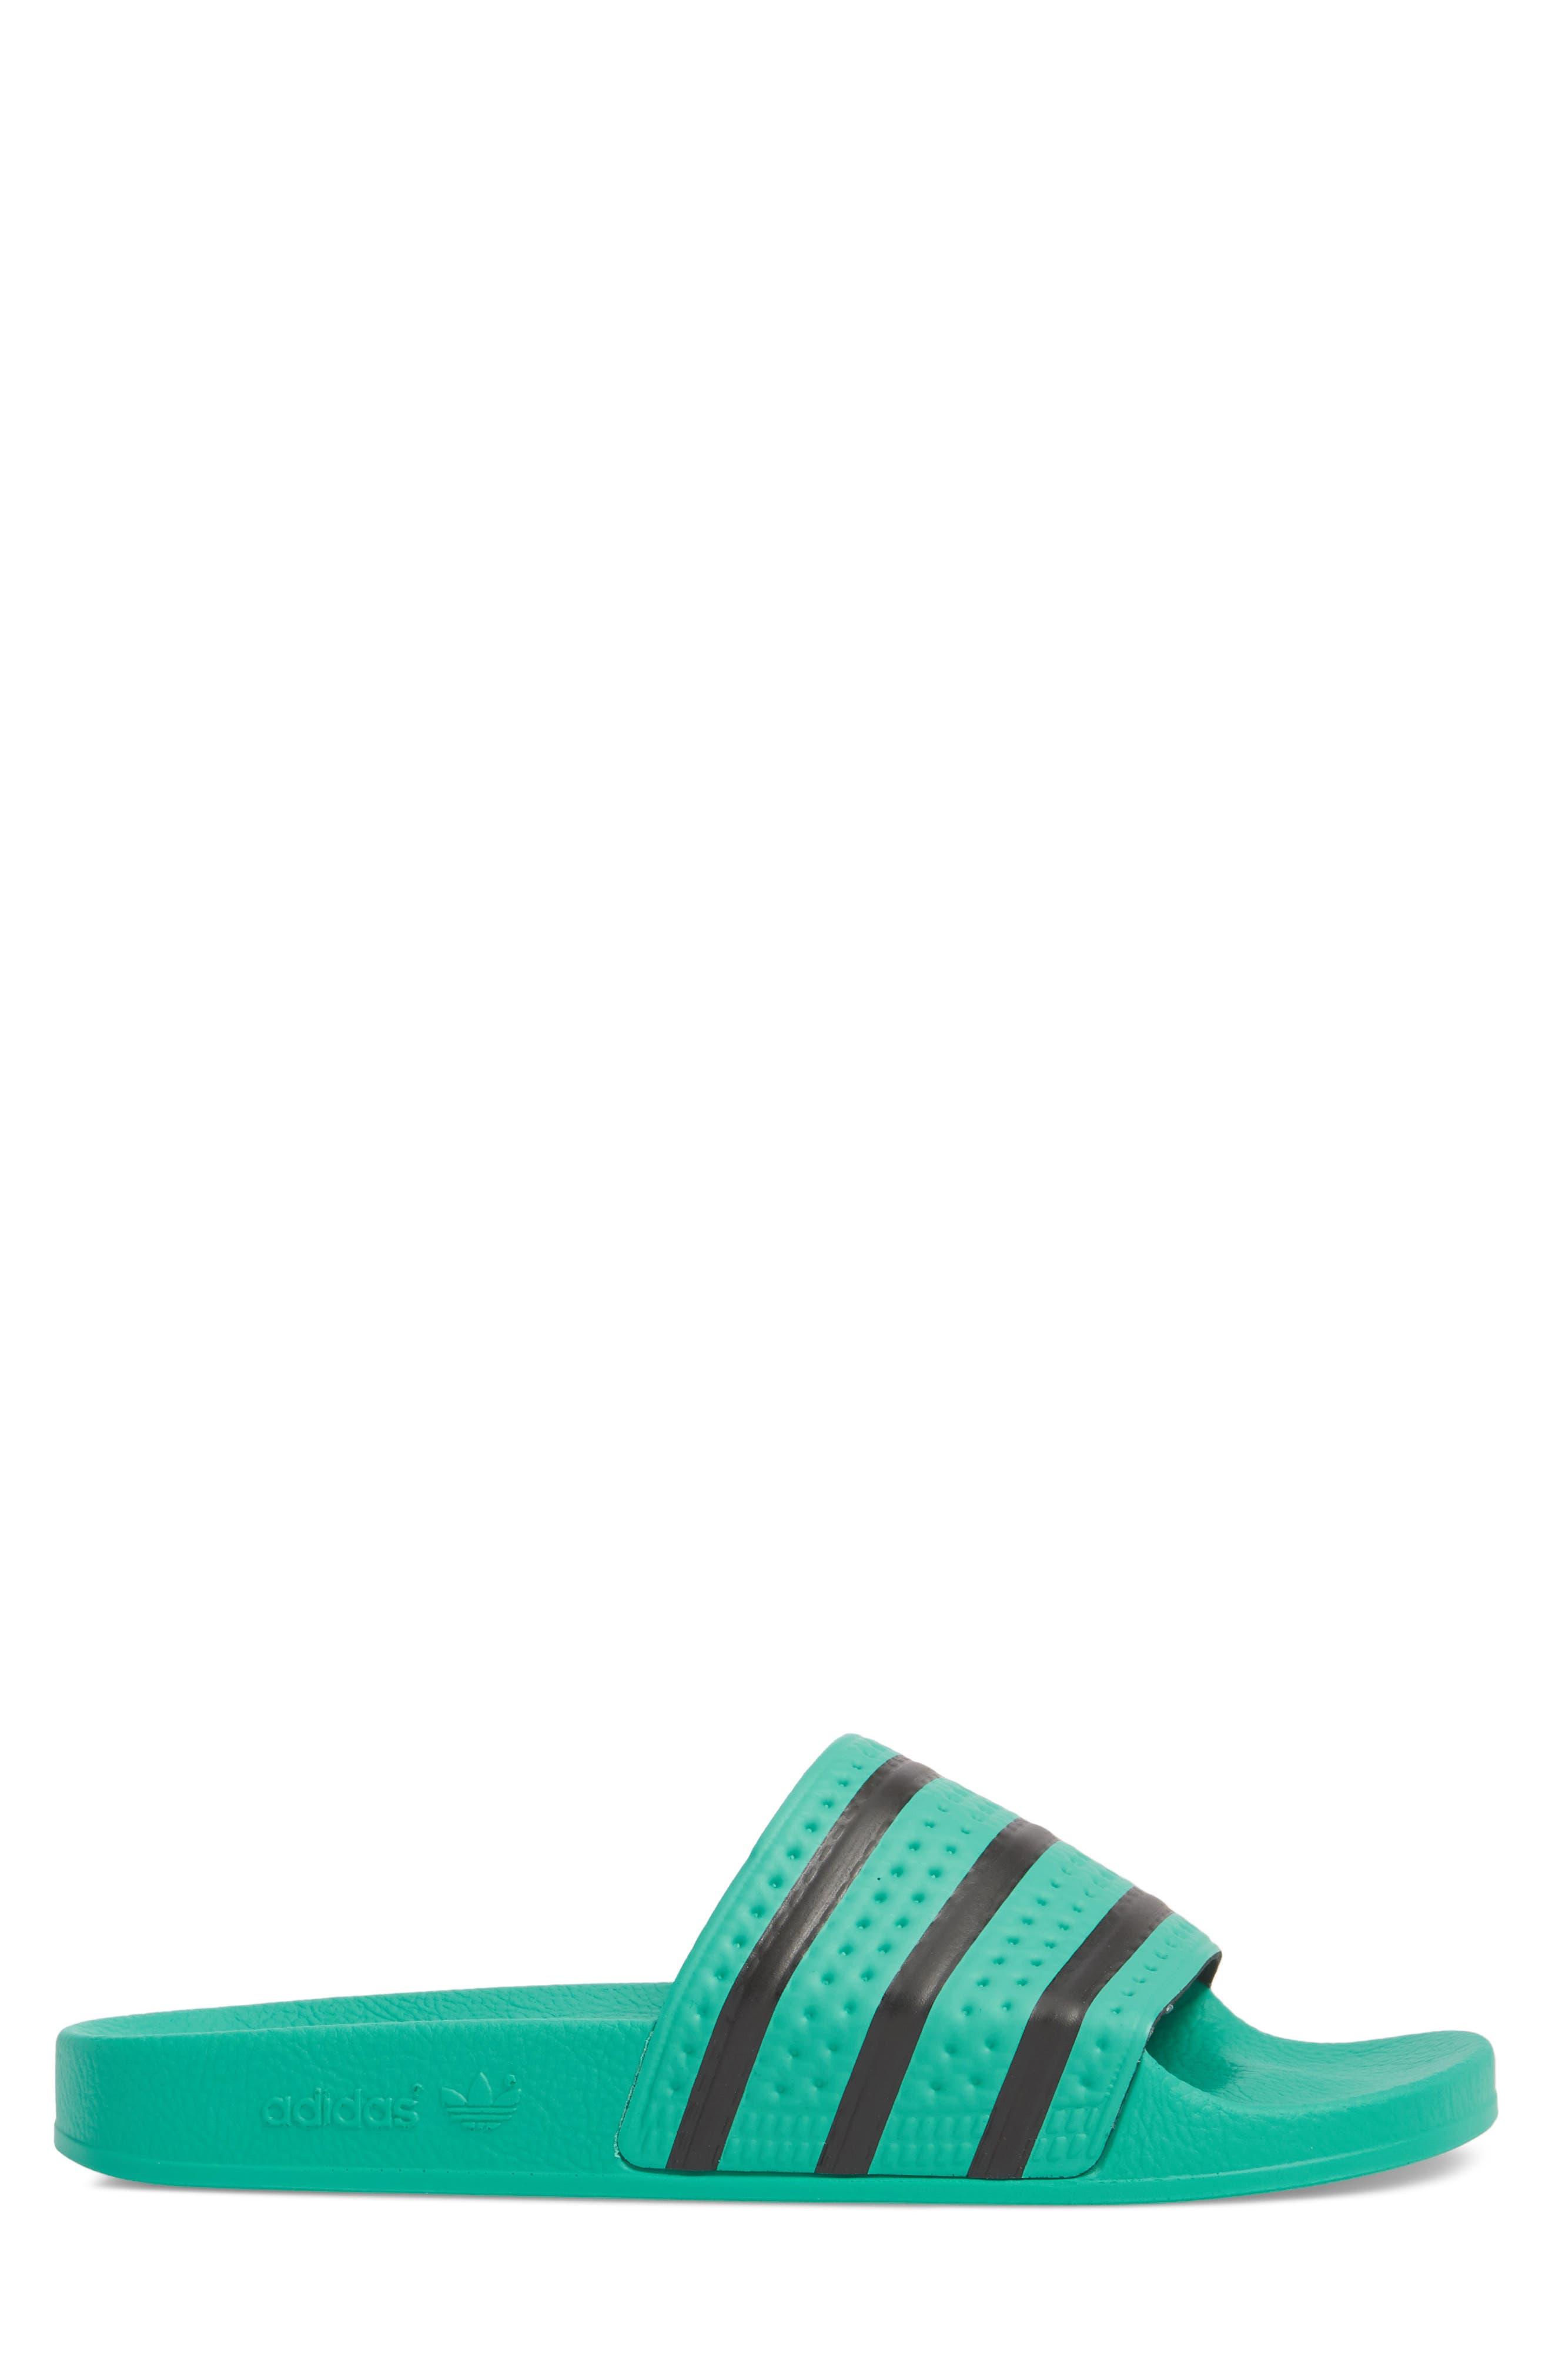 Adilette Slide Sandal,                             Alternate thumbnail 3, color,                             332